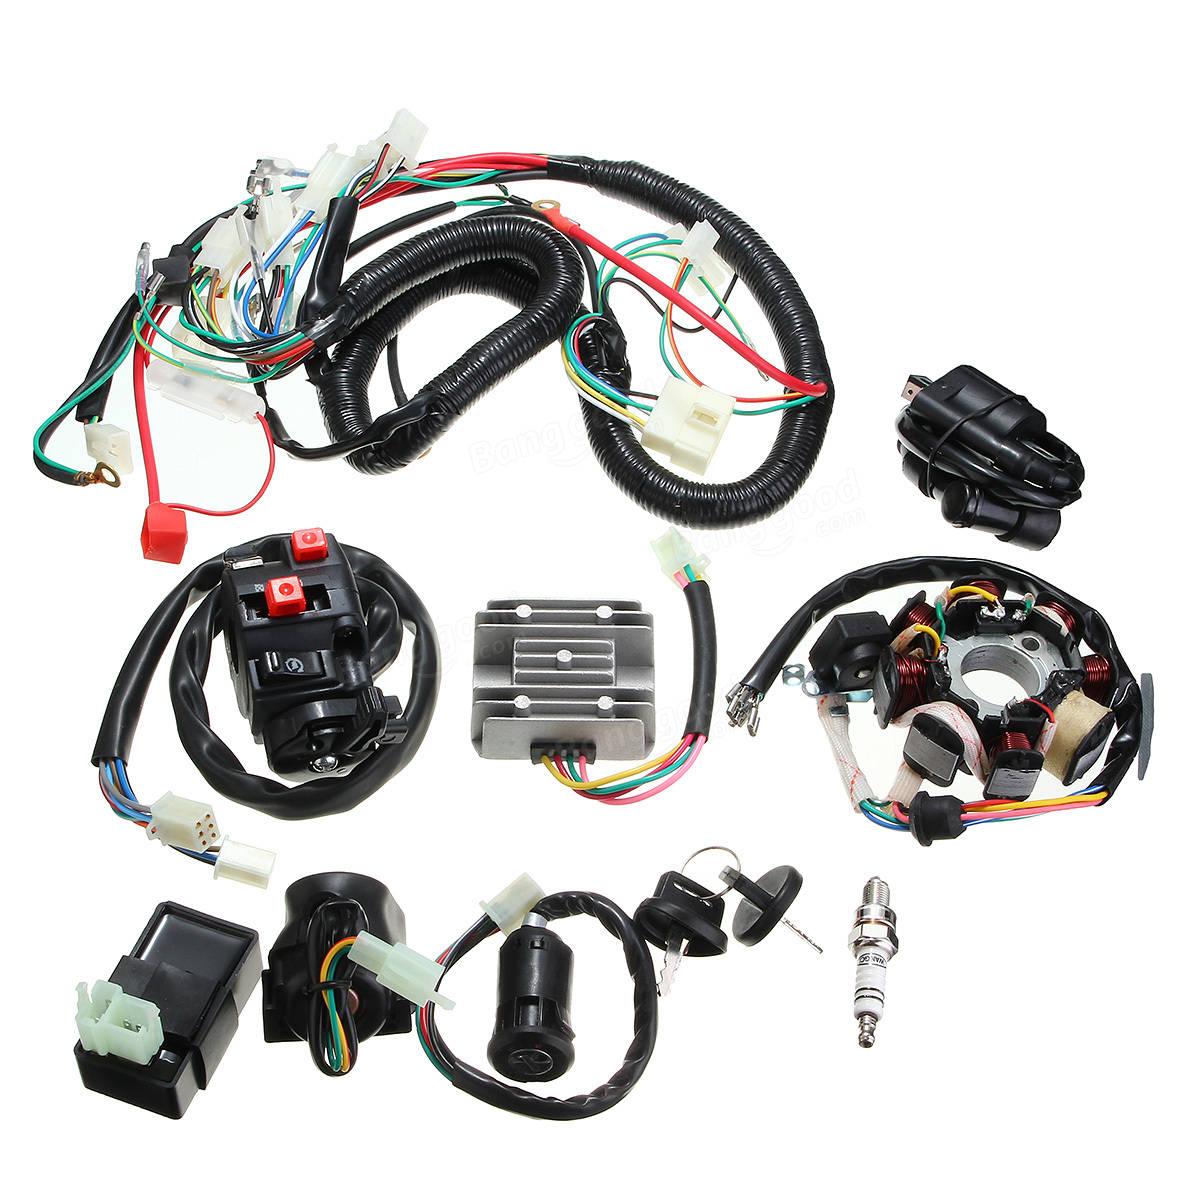 Schema Elettrico Quad : 125cc 150cc 200cc 250cc quad kit elettrico di cablaggio per